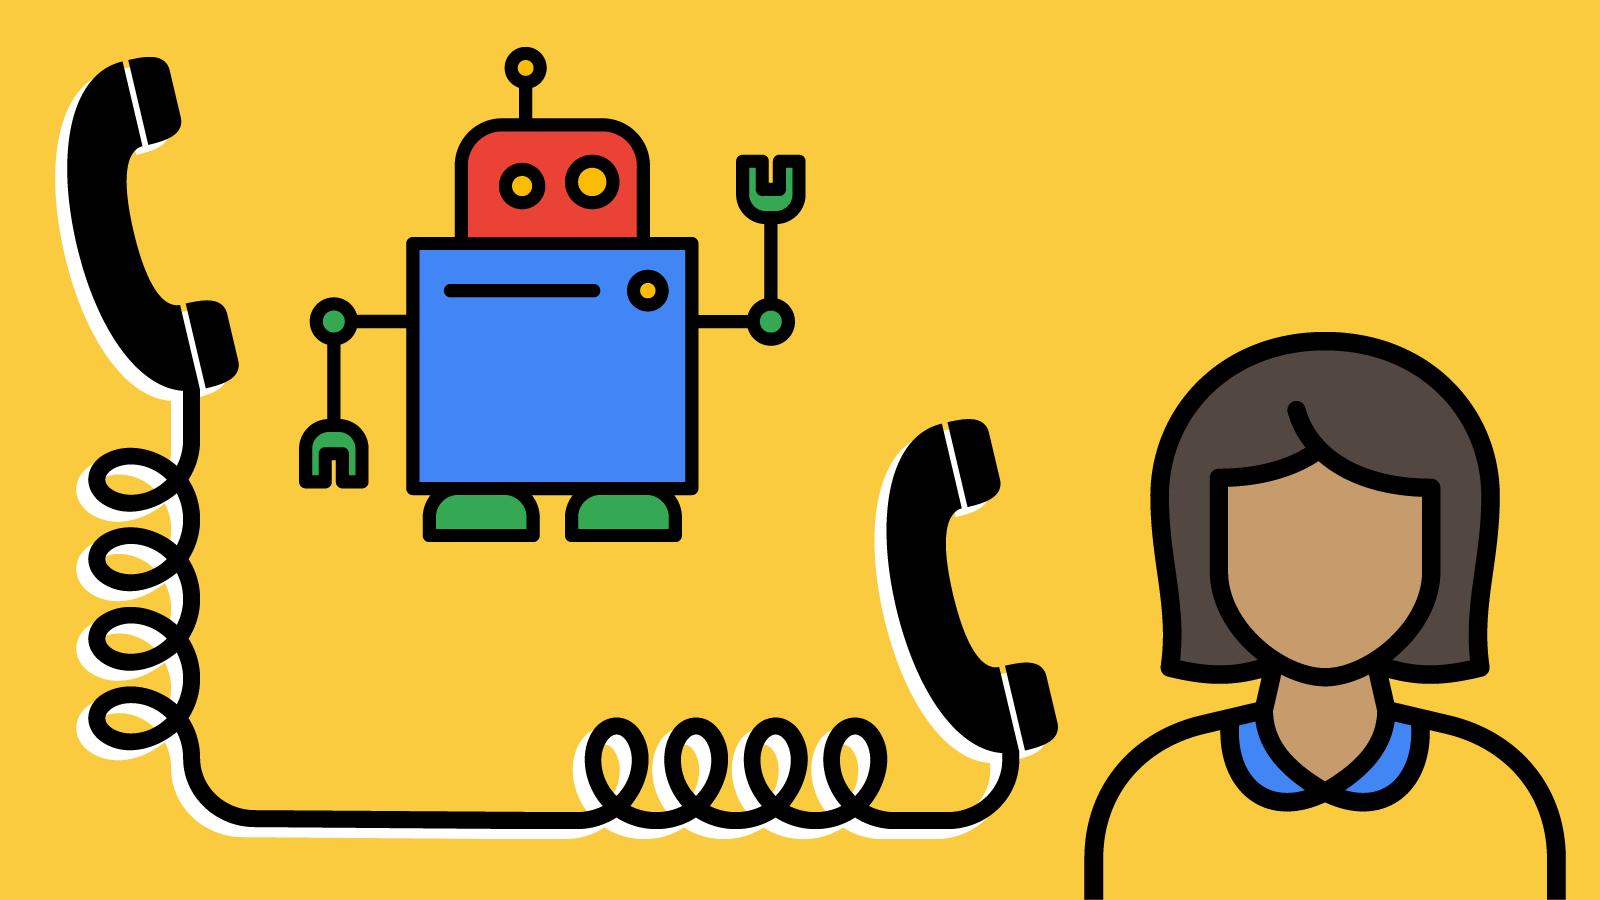 グーグルのAI電話予約システム、「不気味」との批判受け改良